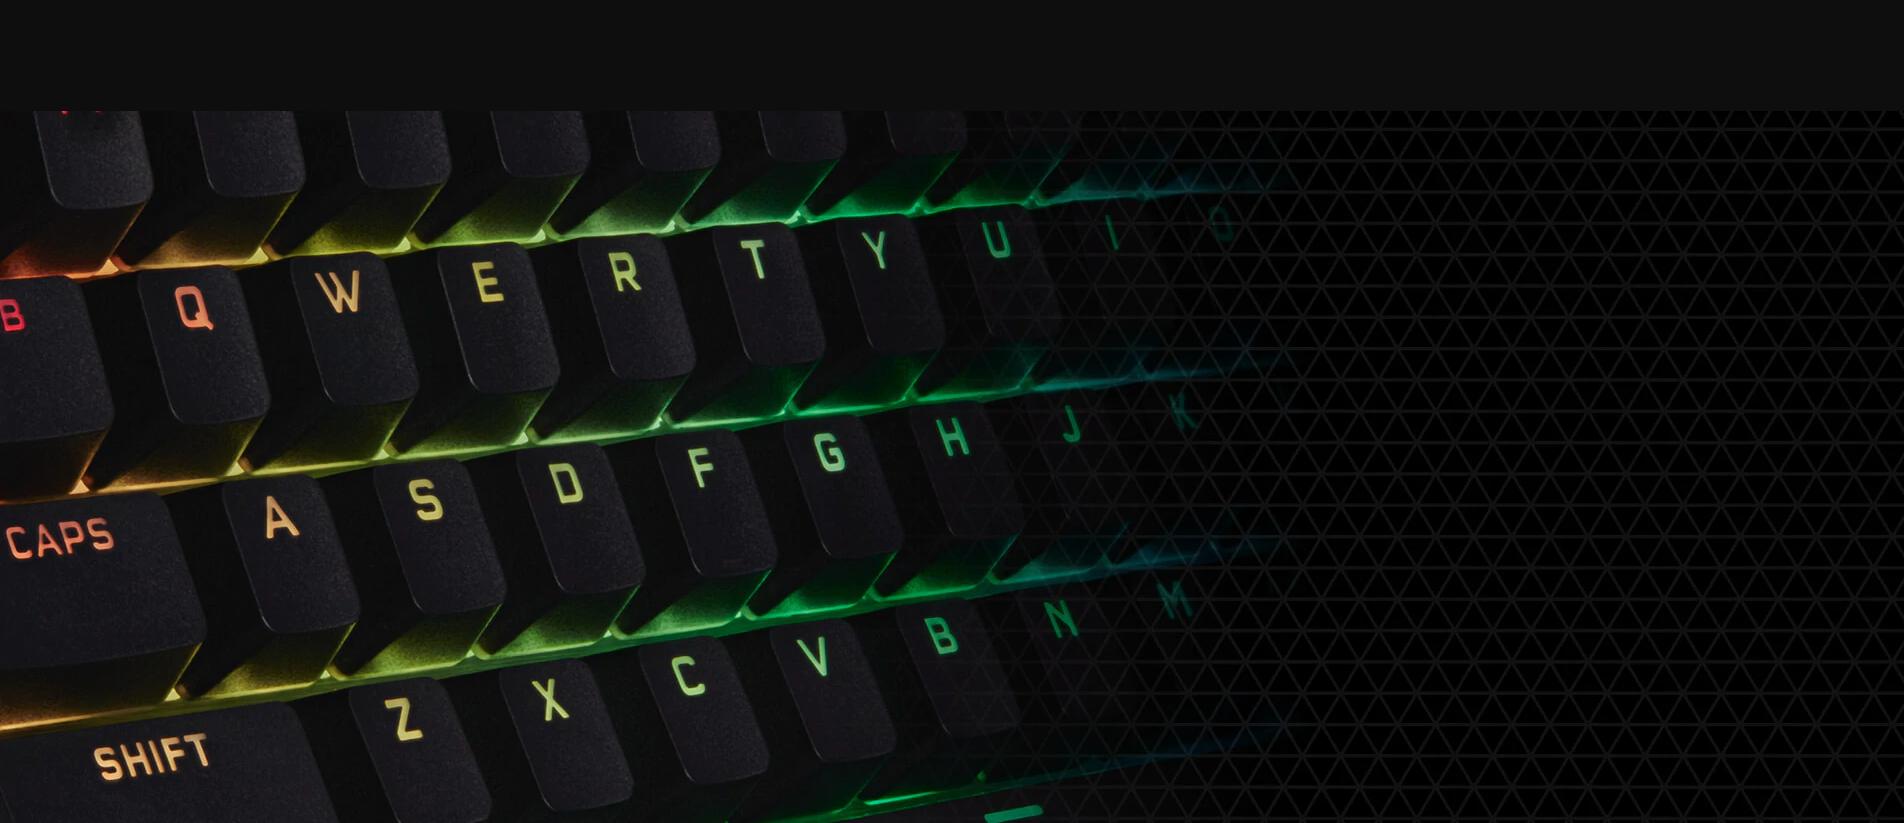 Bàn phím Corsair K60 PRO SE (USB/RGB LED/Cherry MX Viola) (CH-910D119-NA) trang bị bộ keycap PBT doubleshot cực kỳ bền bỉ